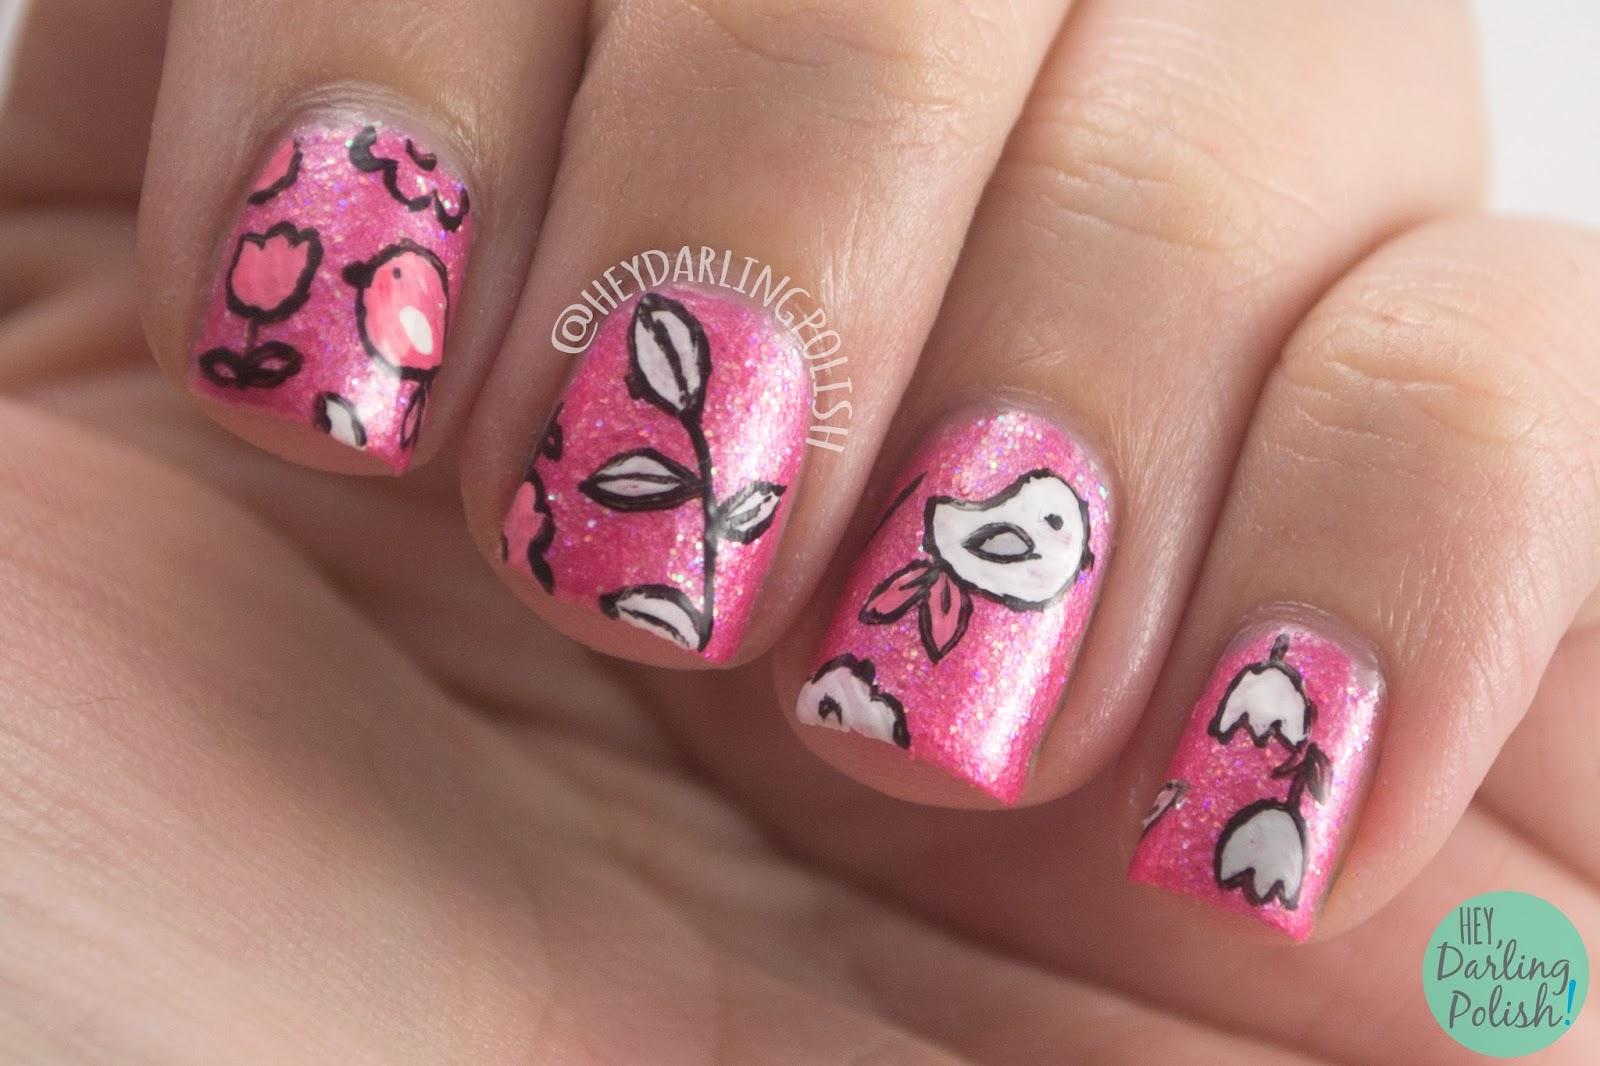 pink, pink lady, cutesy, nails, nail art, nail polish, indie polish, yume lacquer, sailor moon,